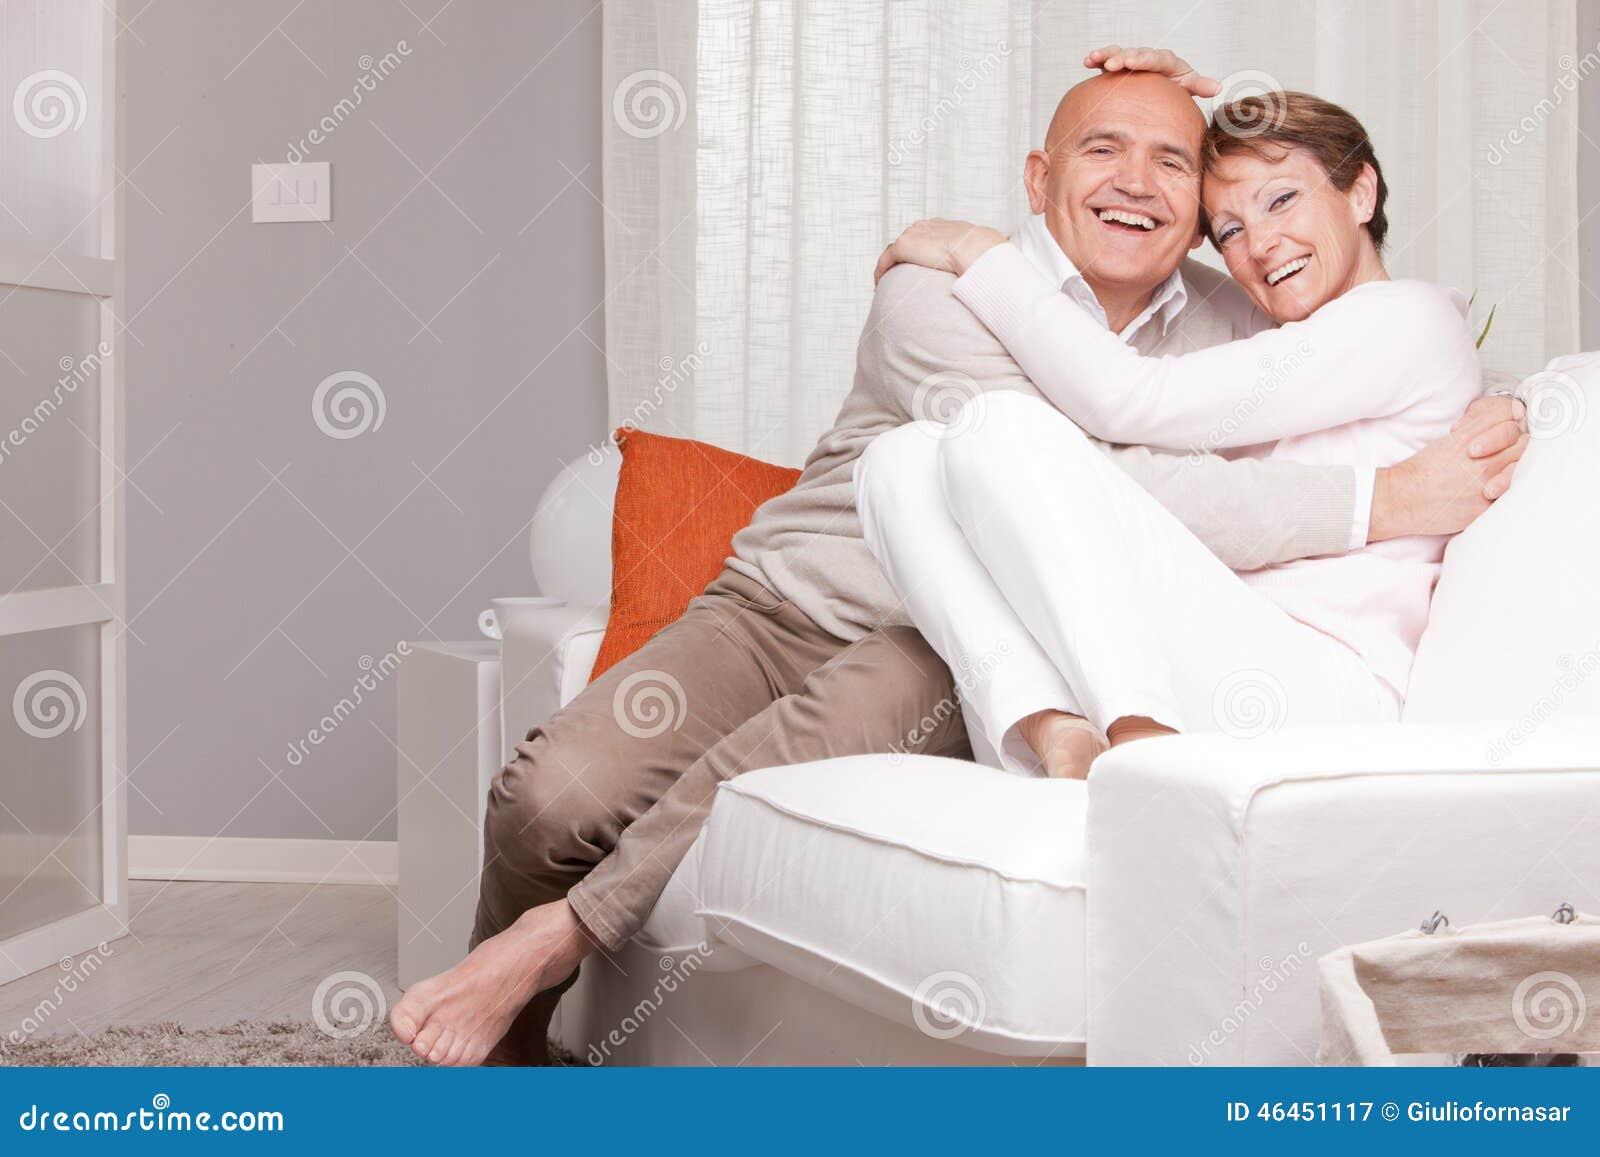 Amateur lesbian sex vids